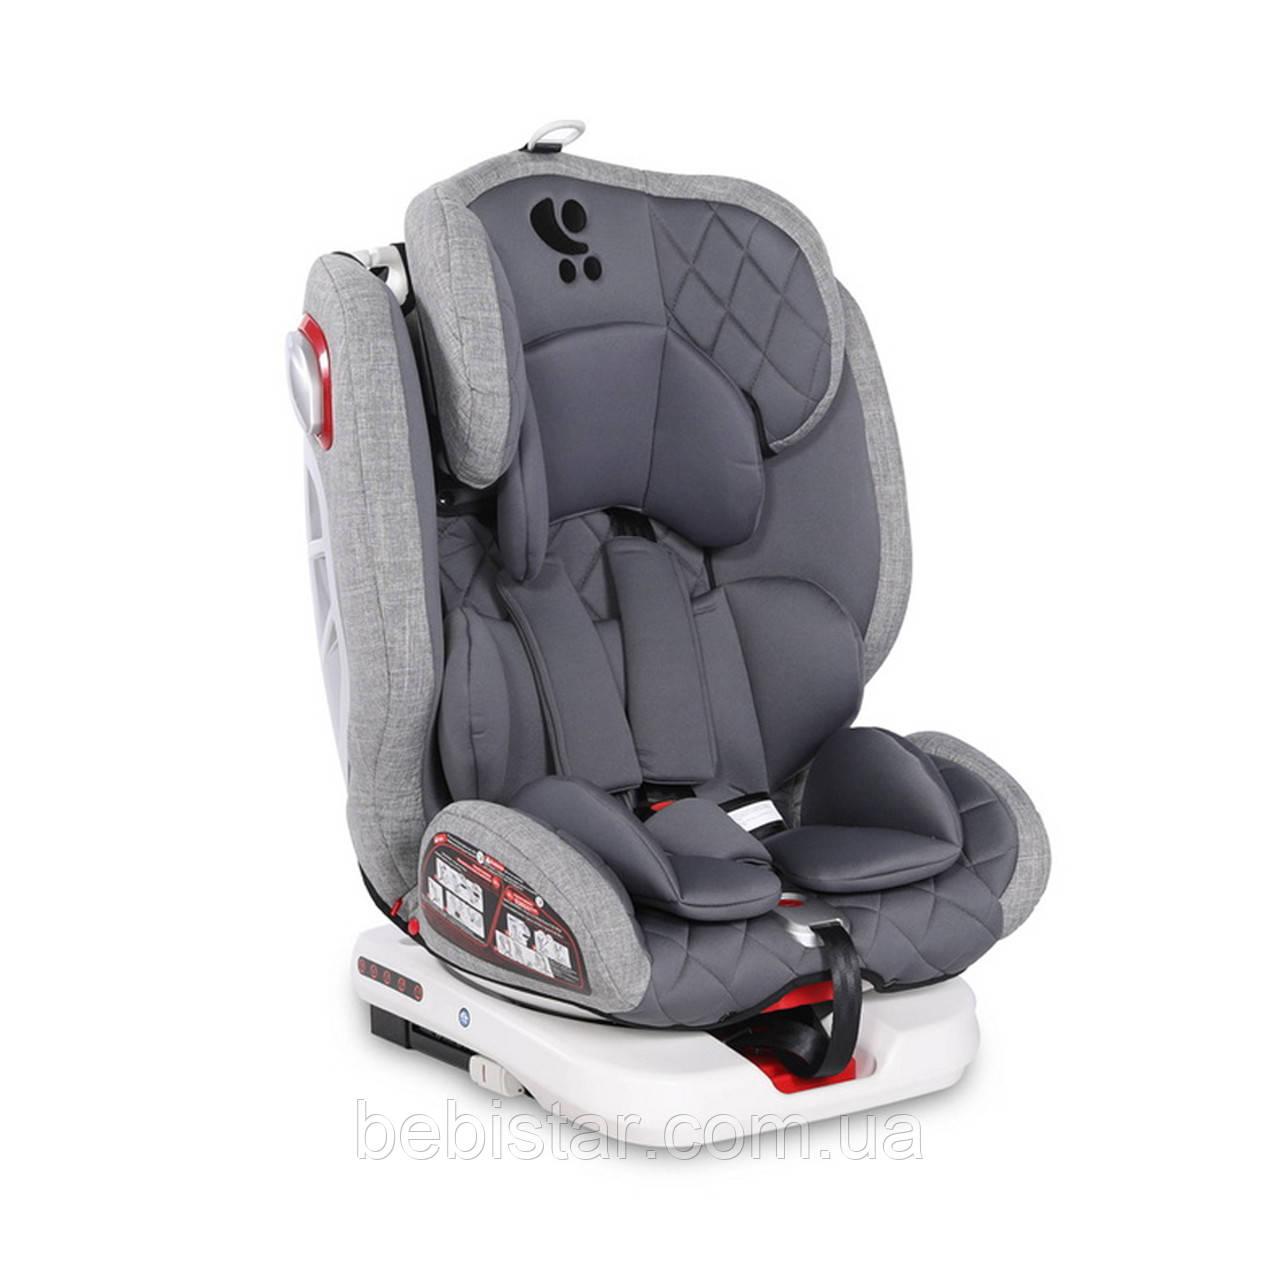 Автокресло серое Lorelli ROTO Isofix 0-36 kg Grey для детей с рождения до 12 лет